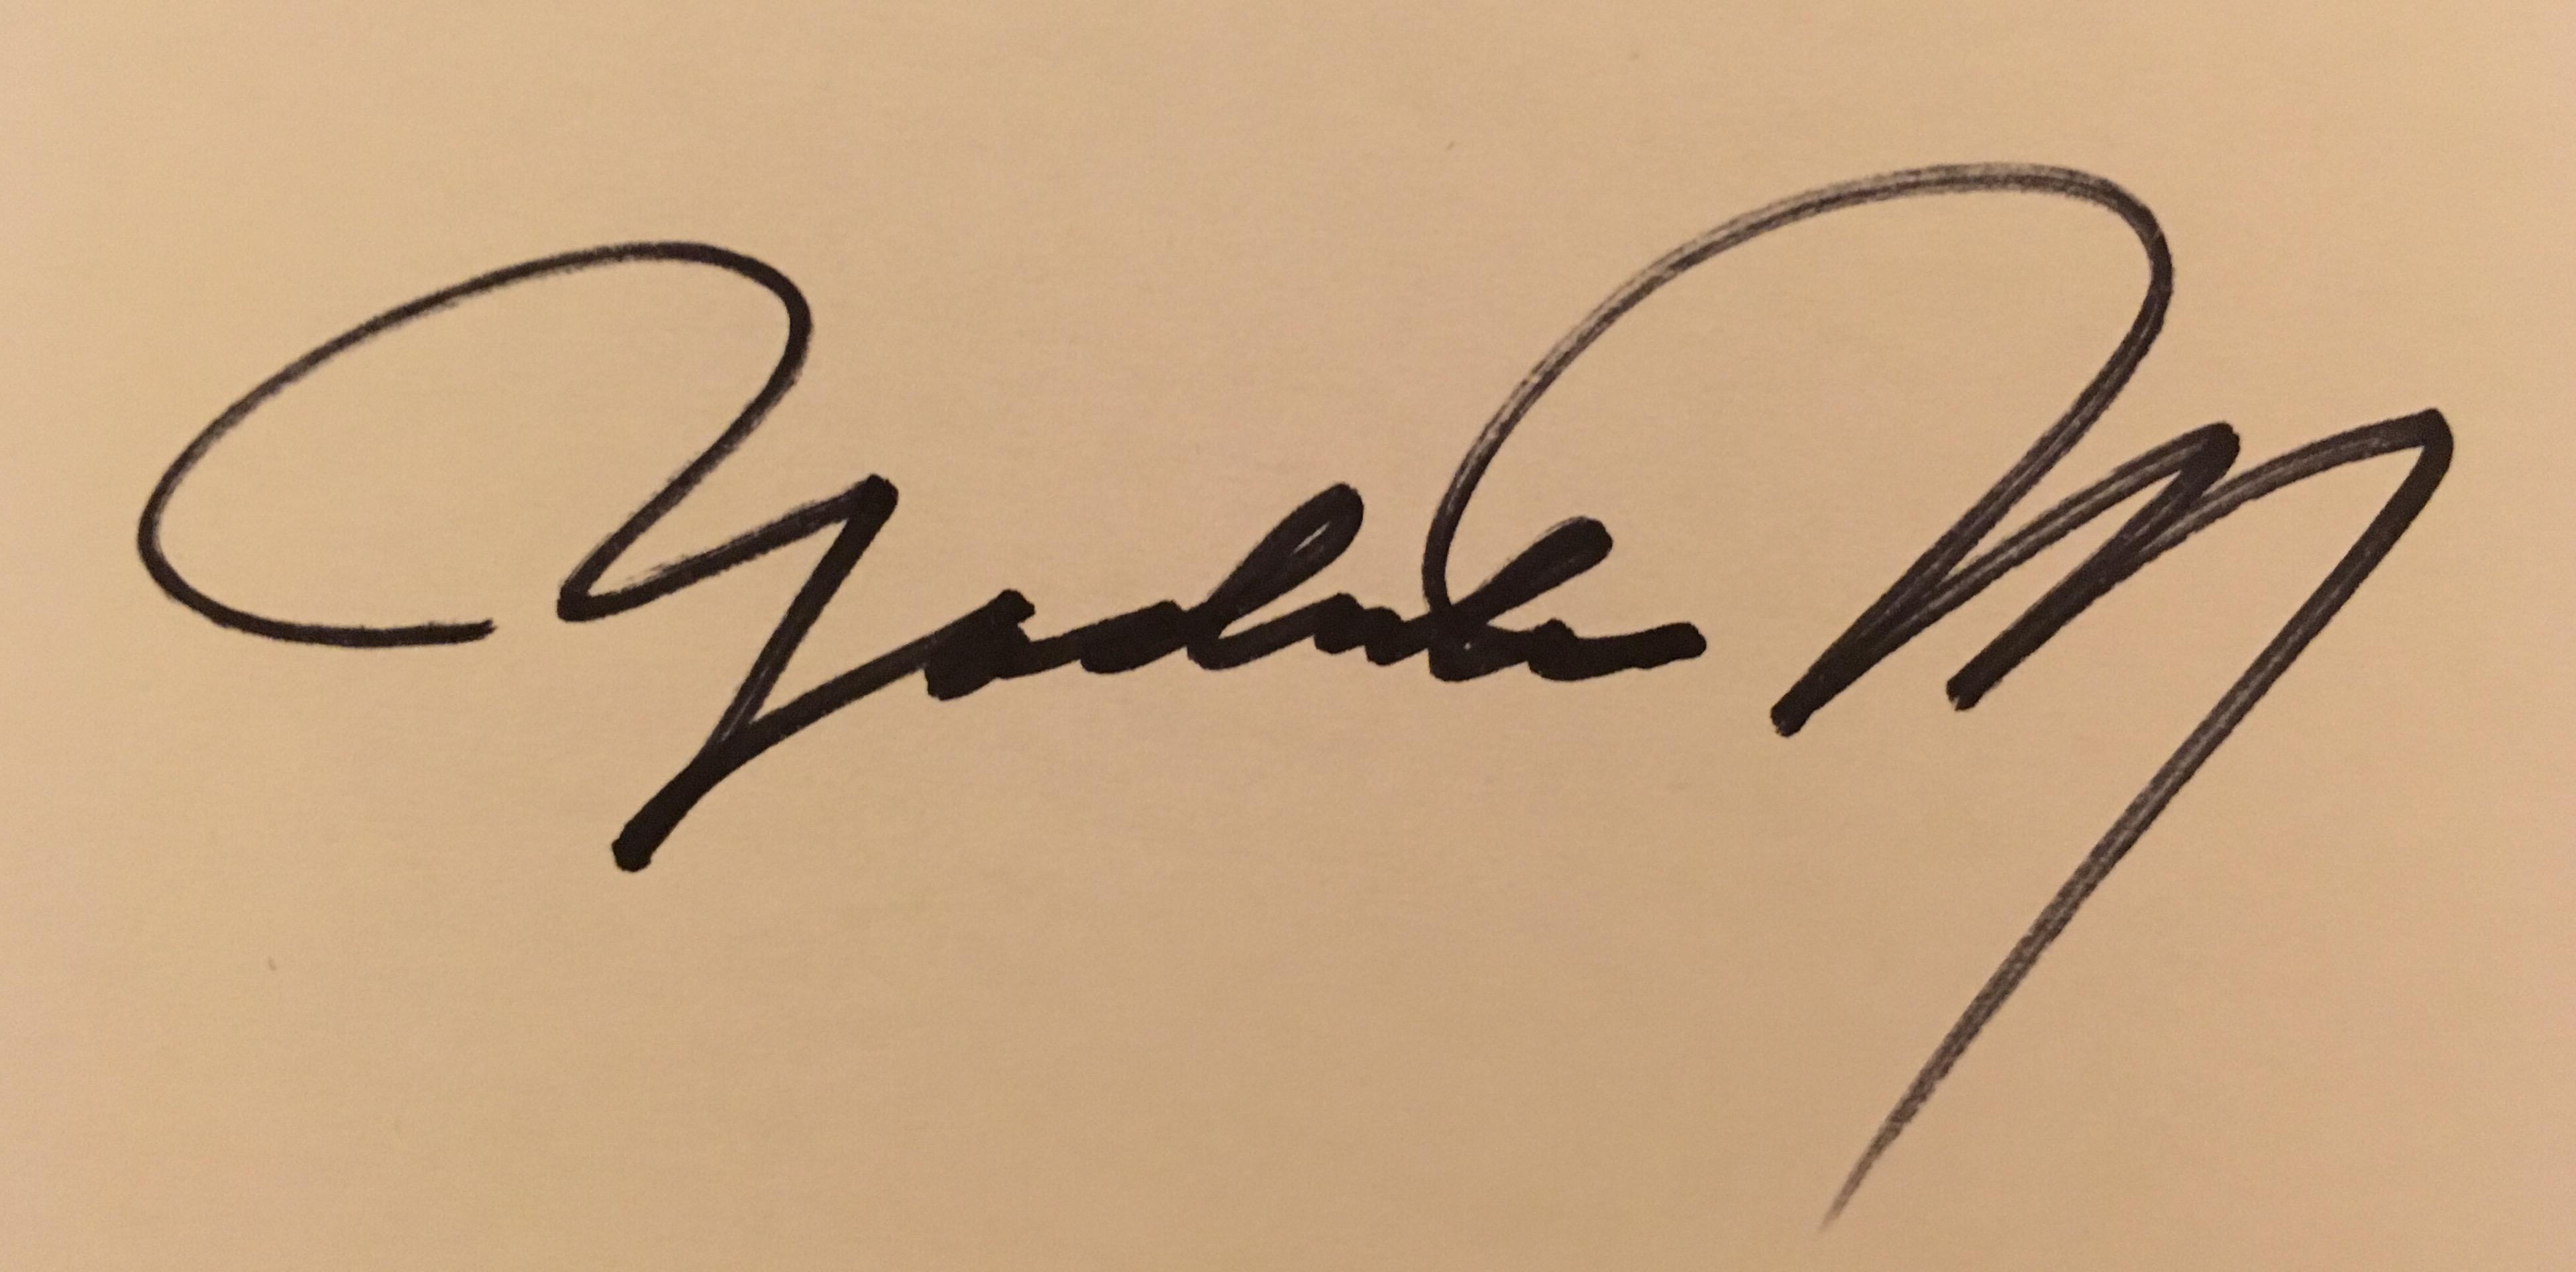 Yoshiko Murdick's Signature